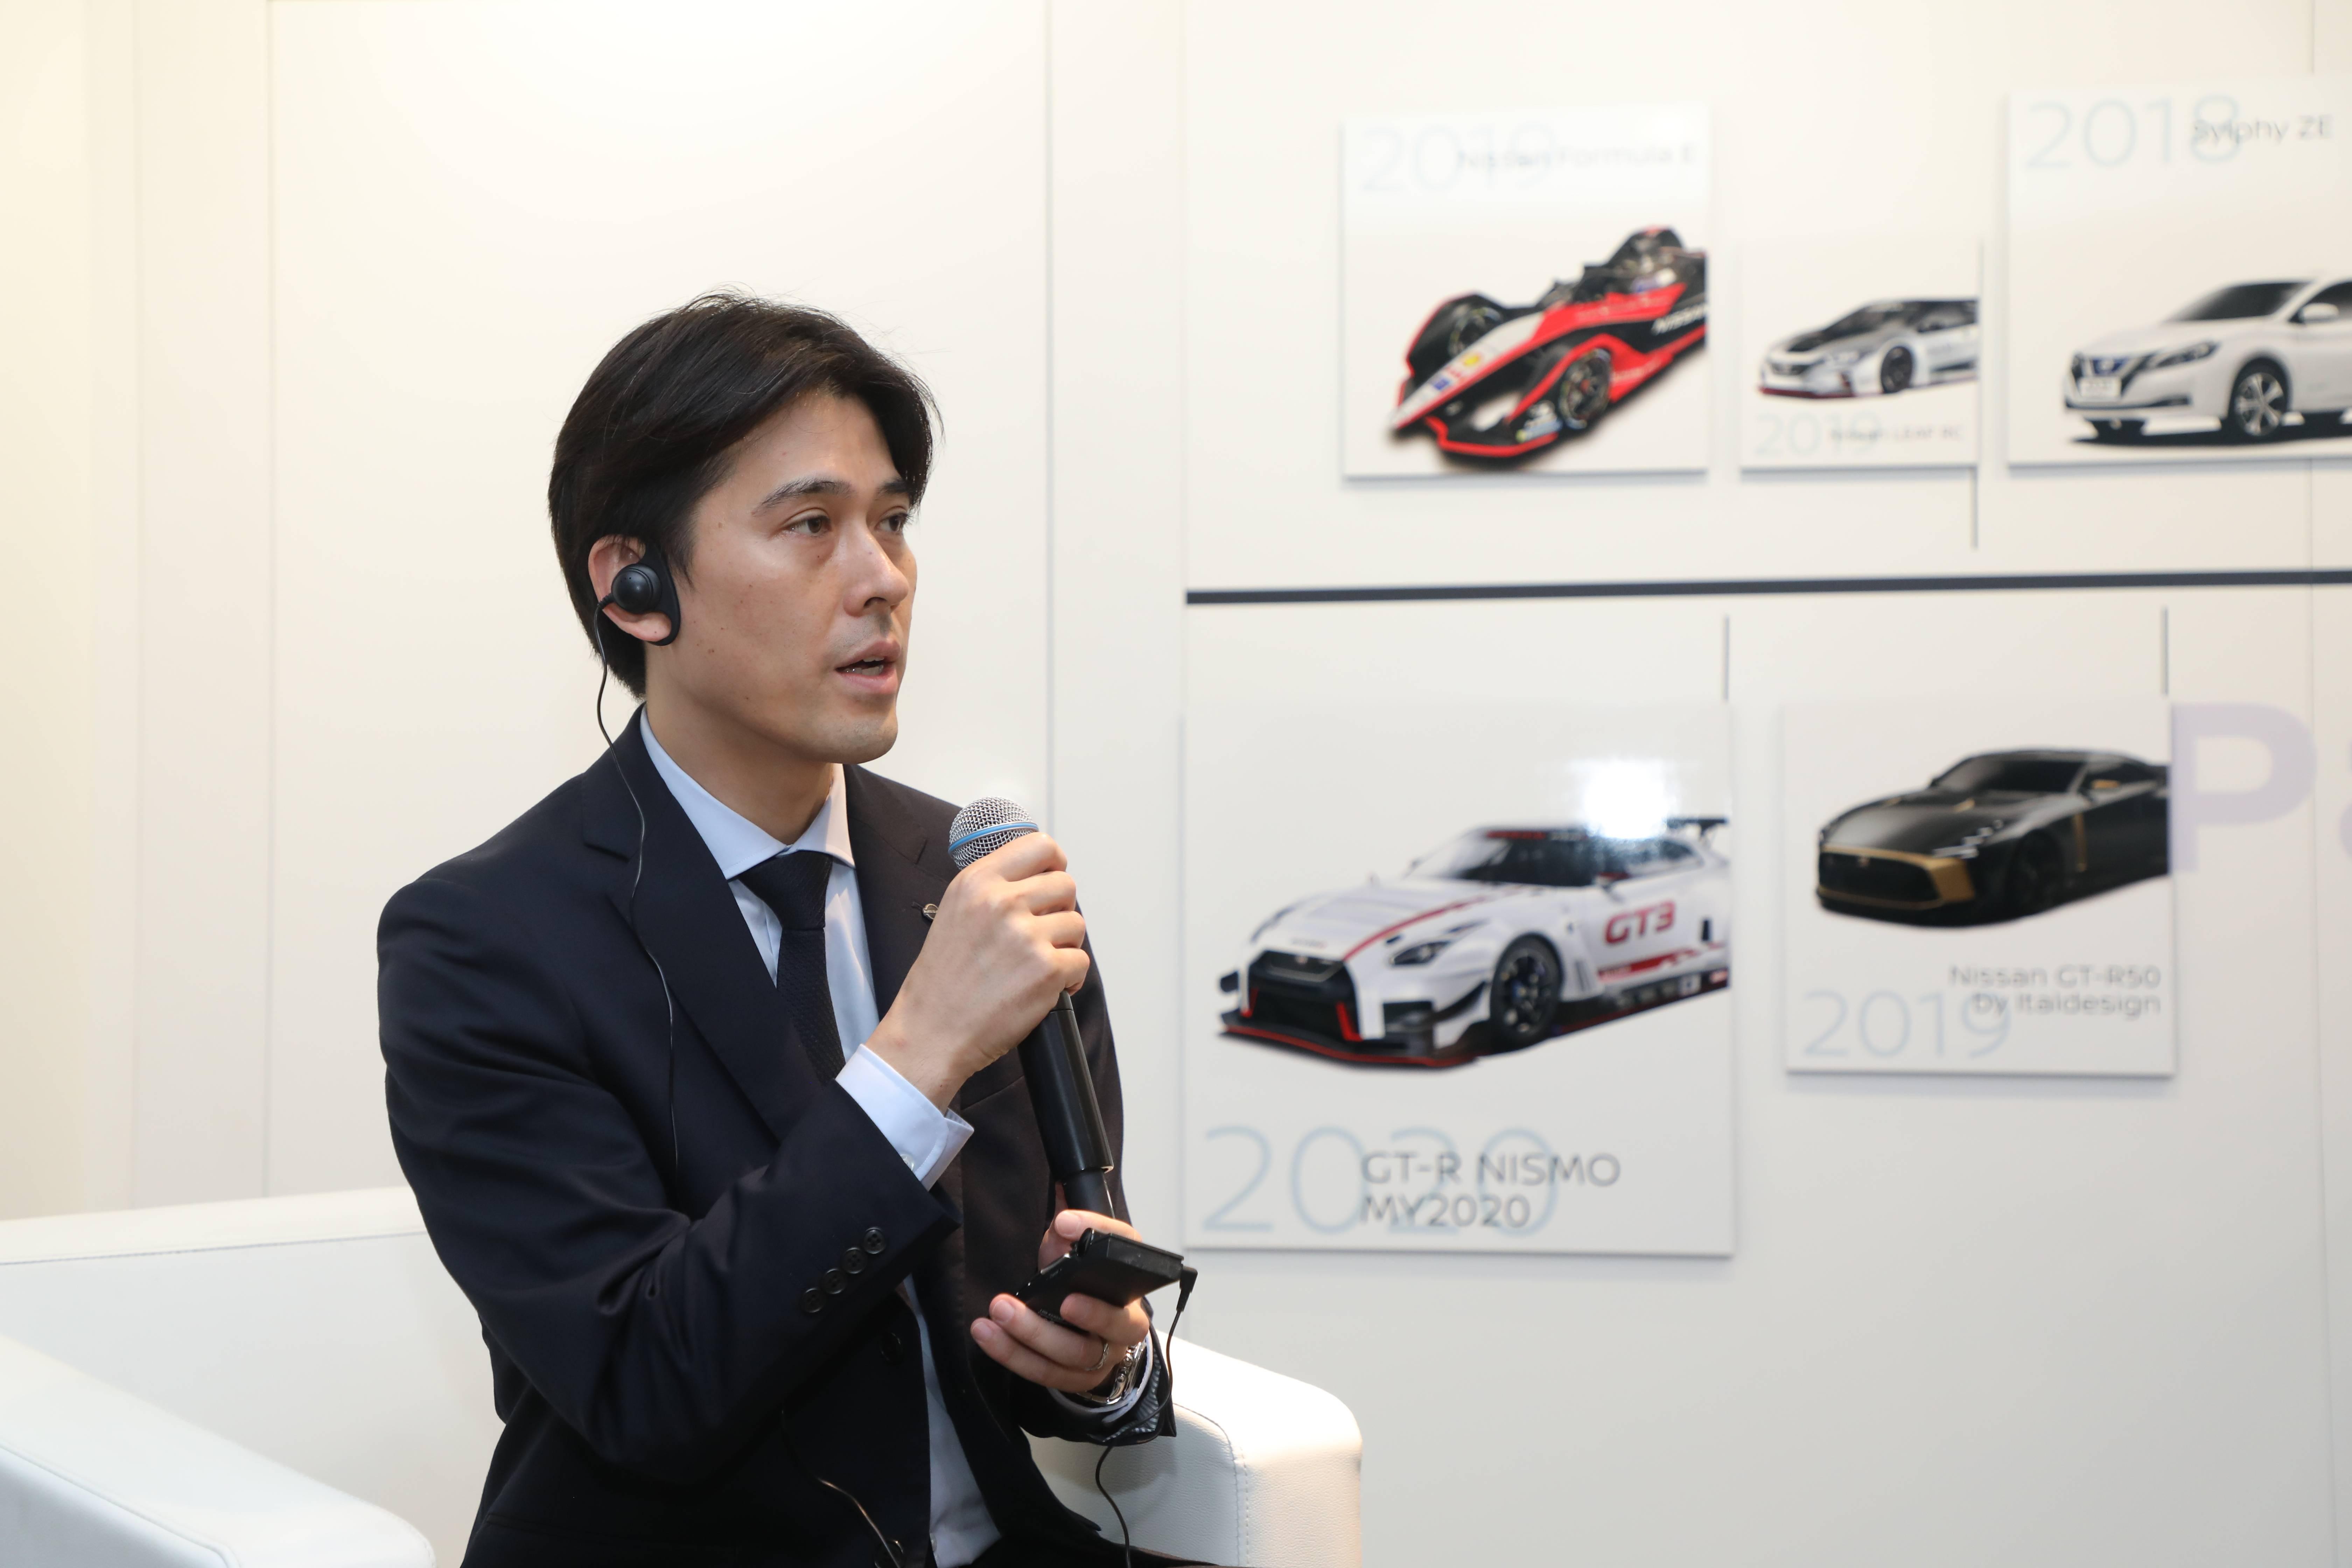 北京车展|日产中国:Ariya不是一款单纯的电动车,能让用户感受到日产价值